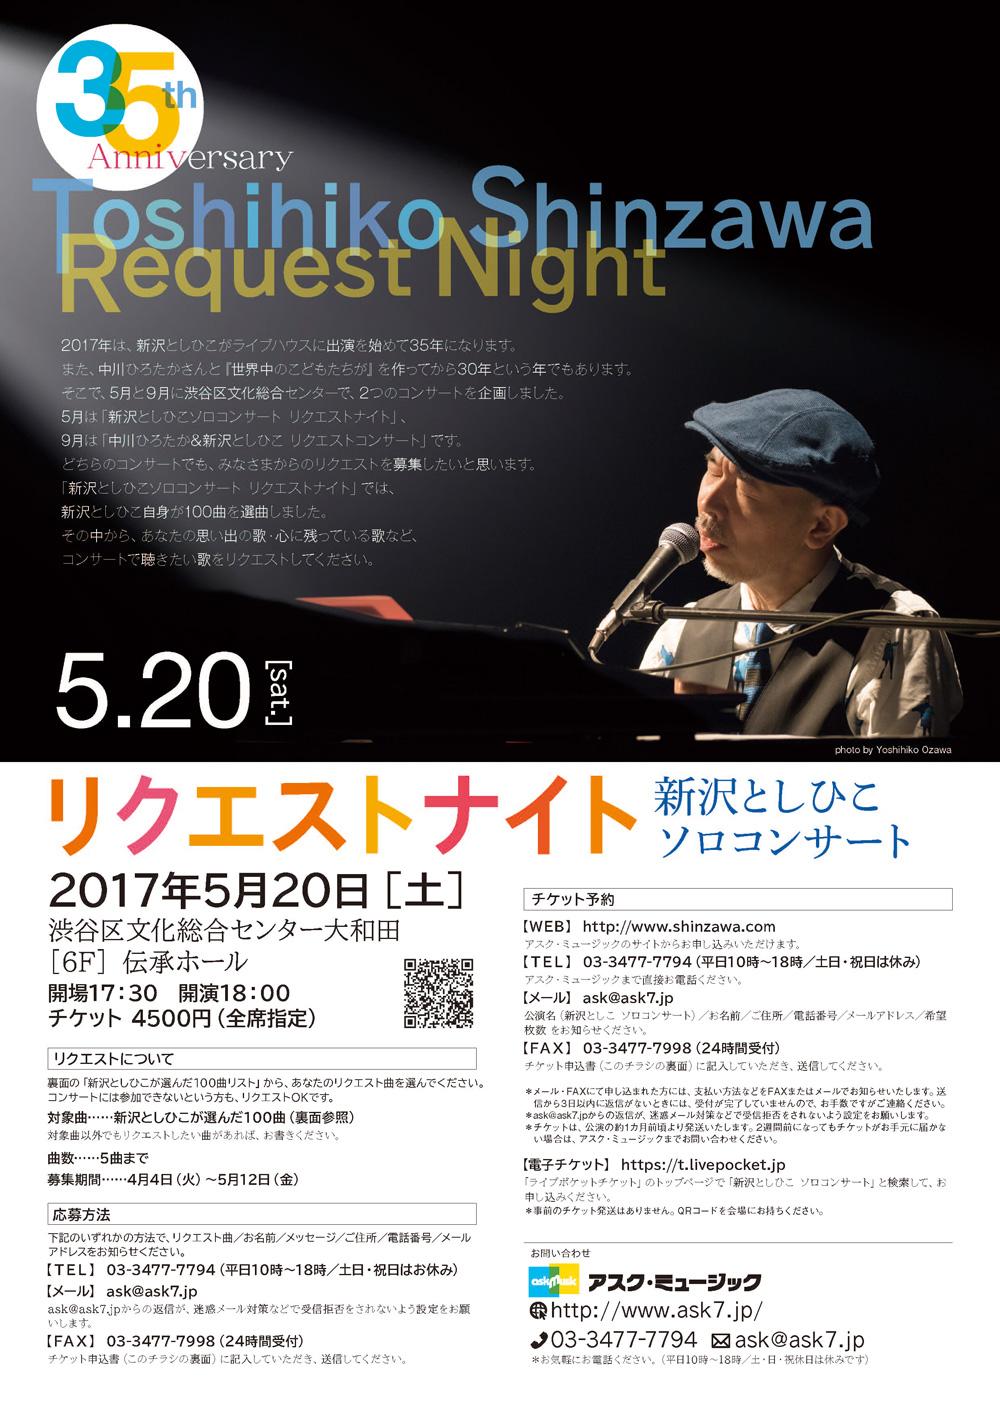 新沢としひこソロコンサート リクエストナイト